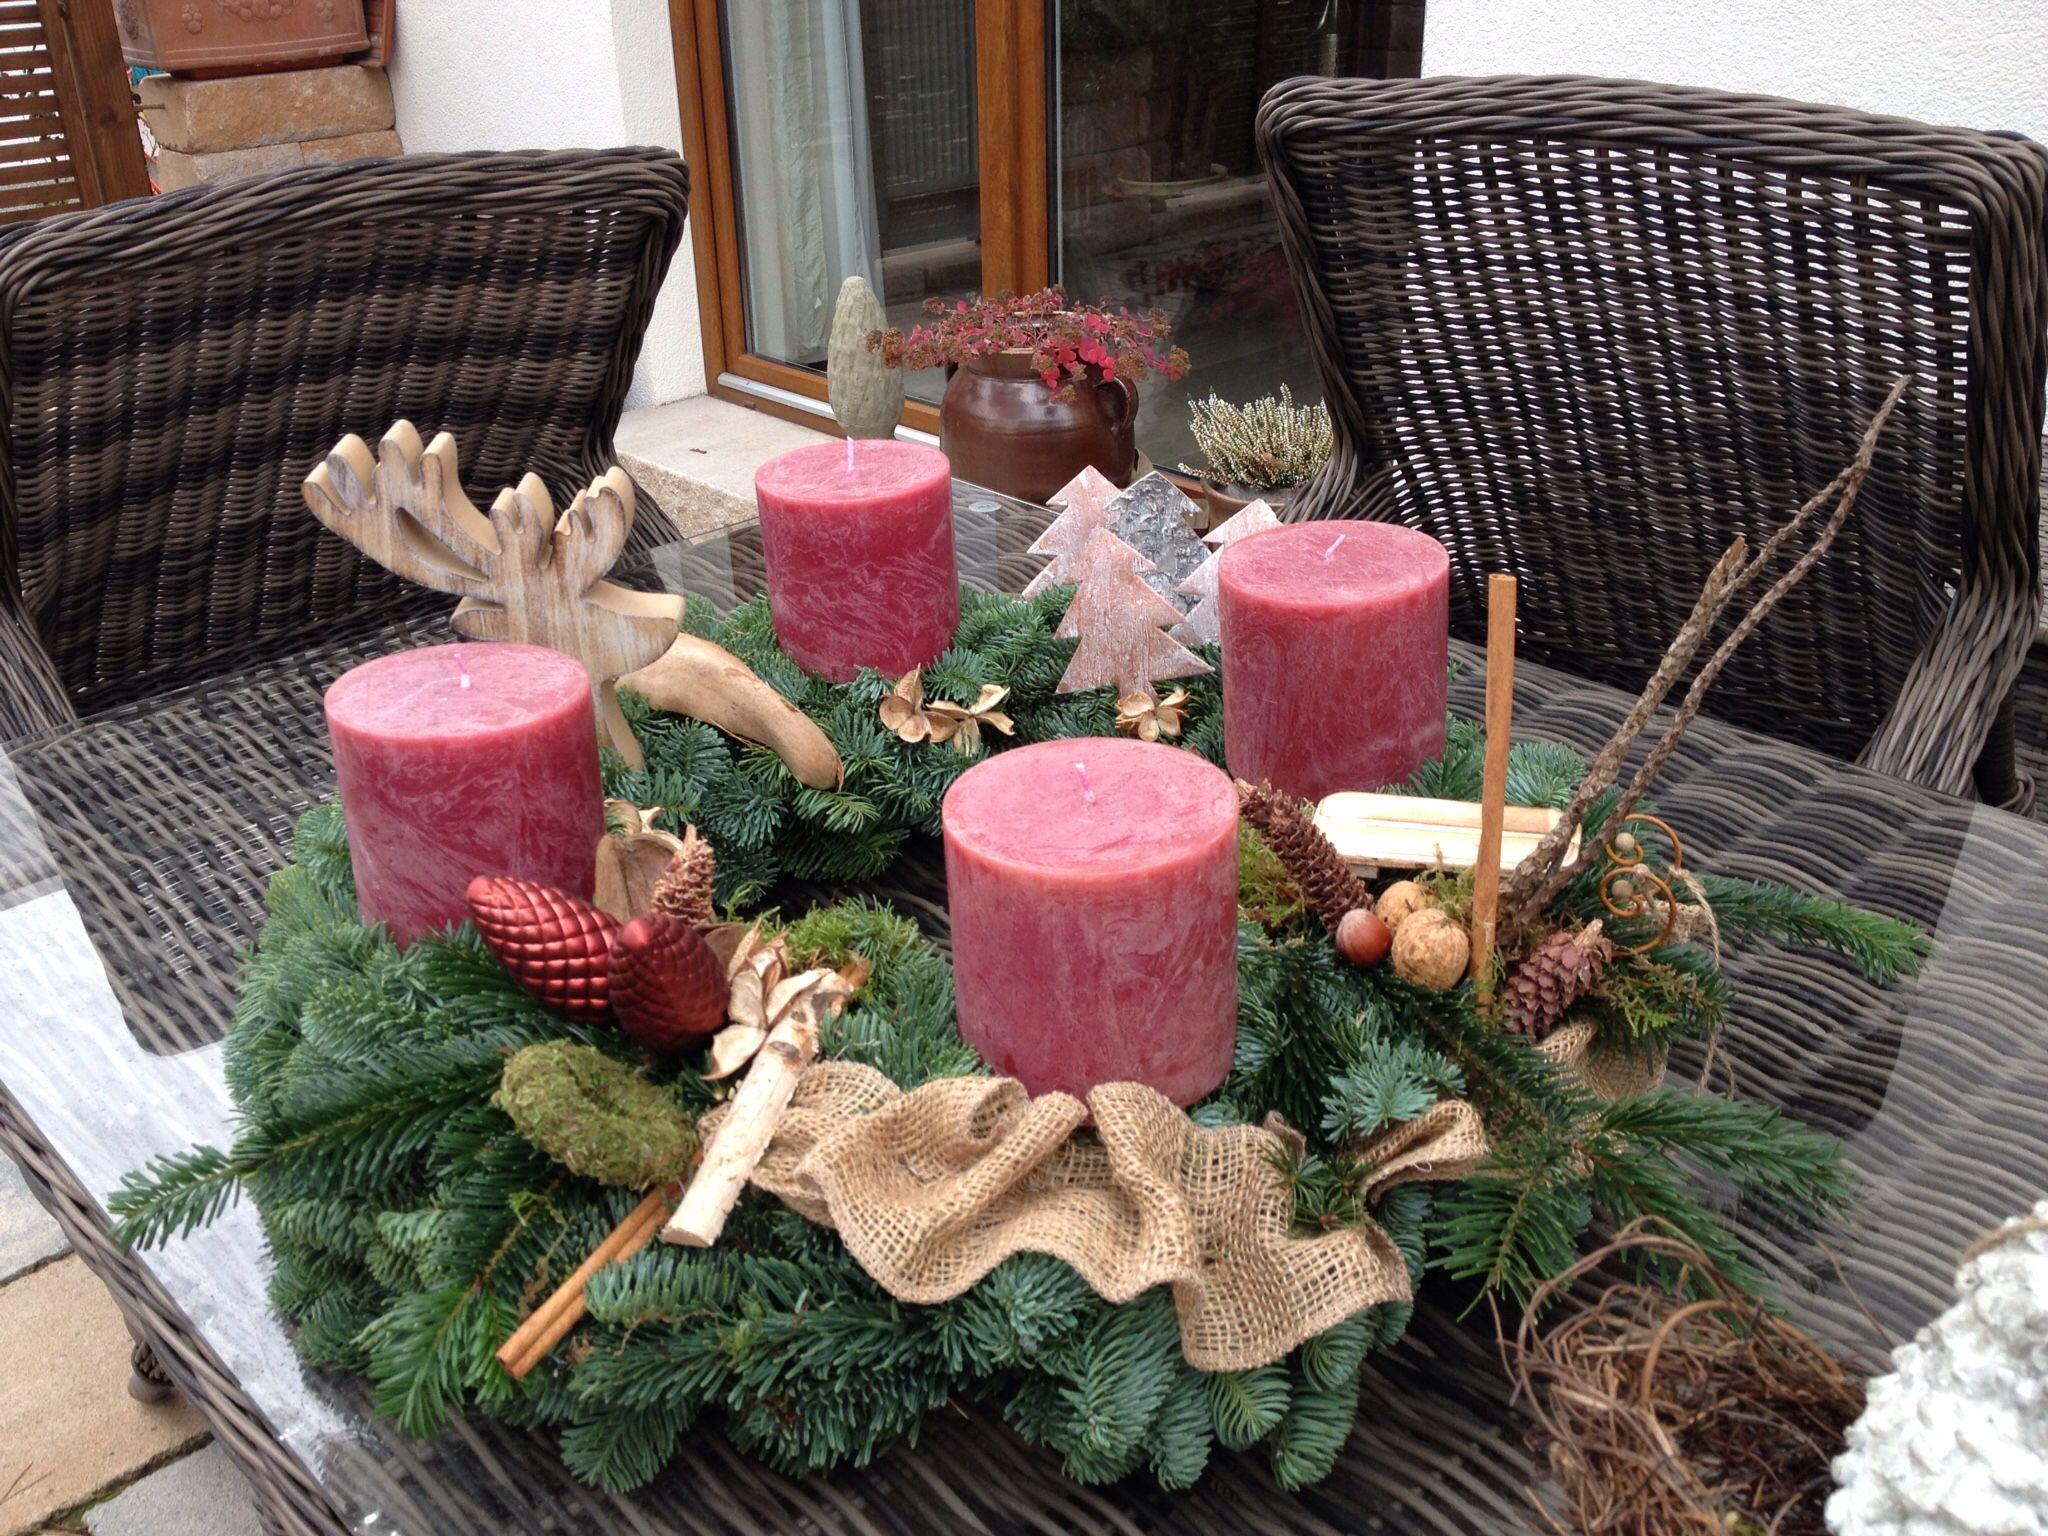 Adventskranz gro christmas weihnachten kr nze for Pinterest adventskranz